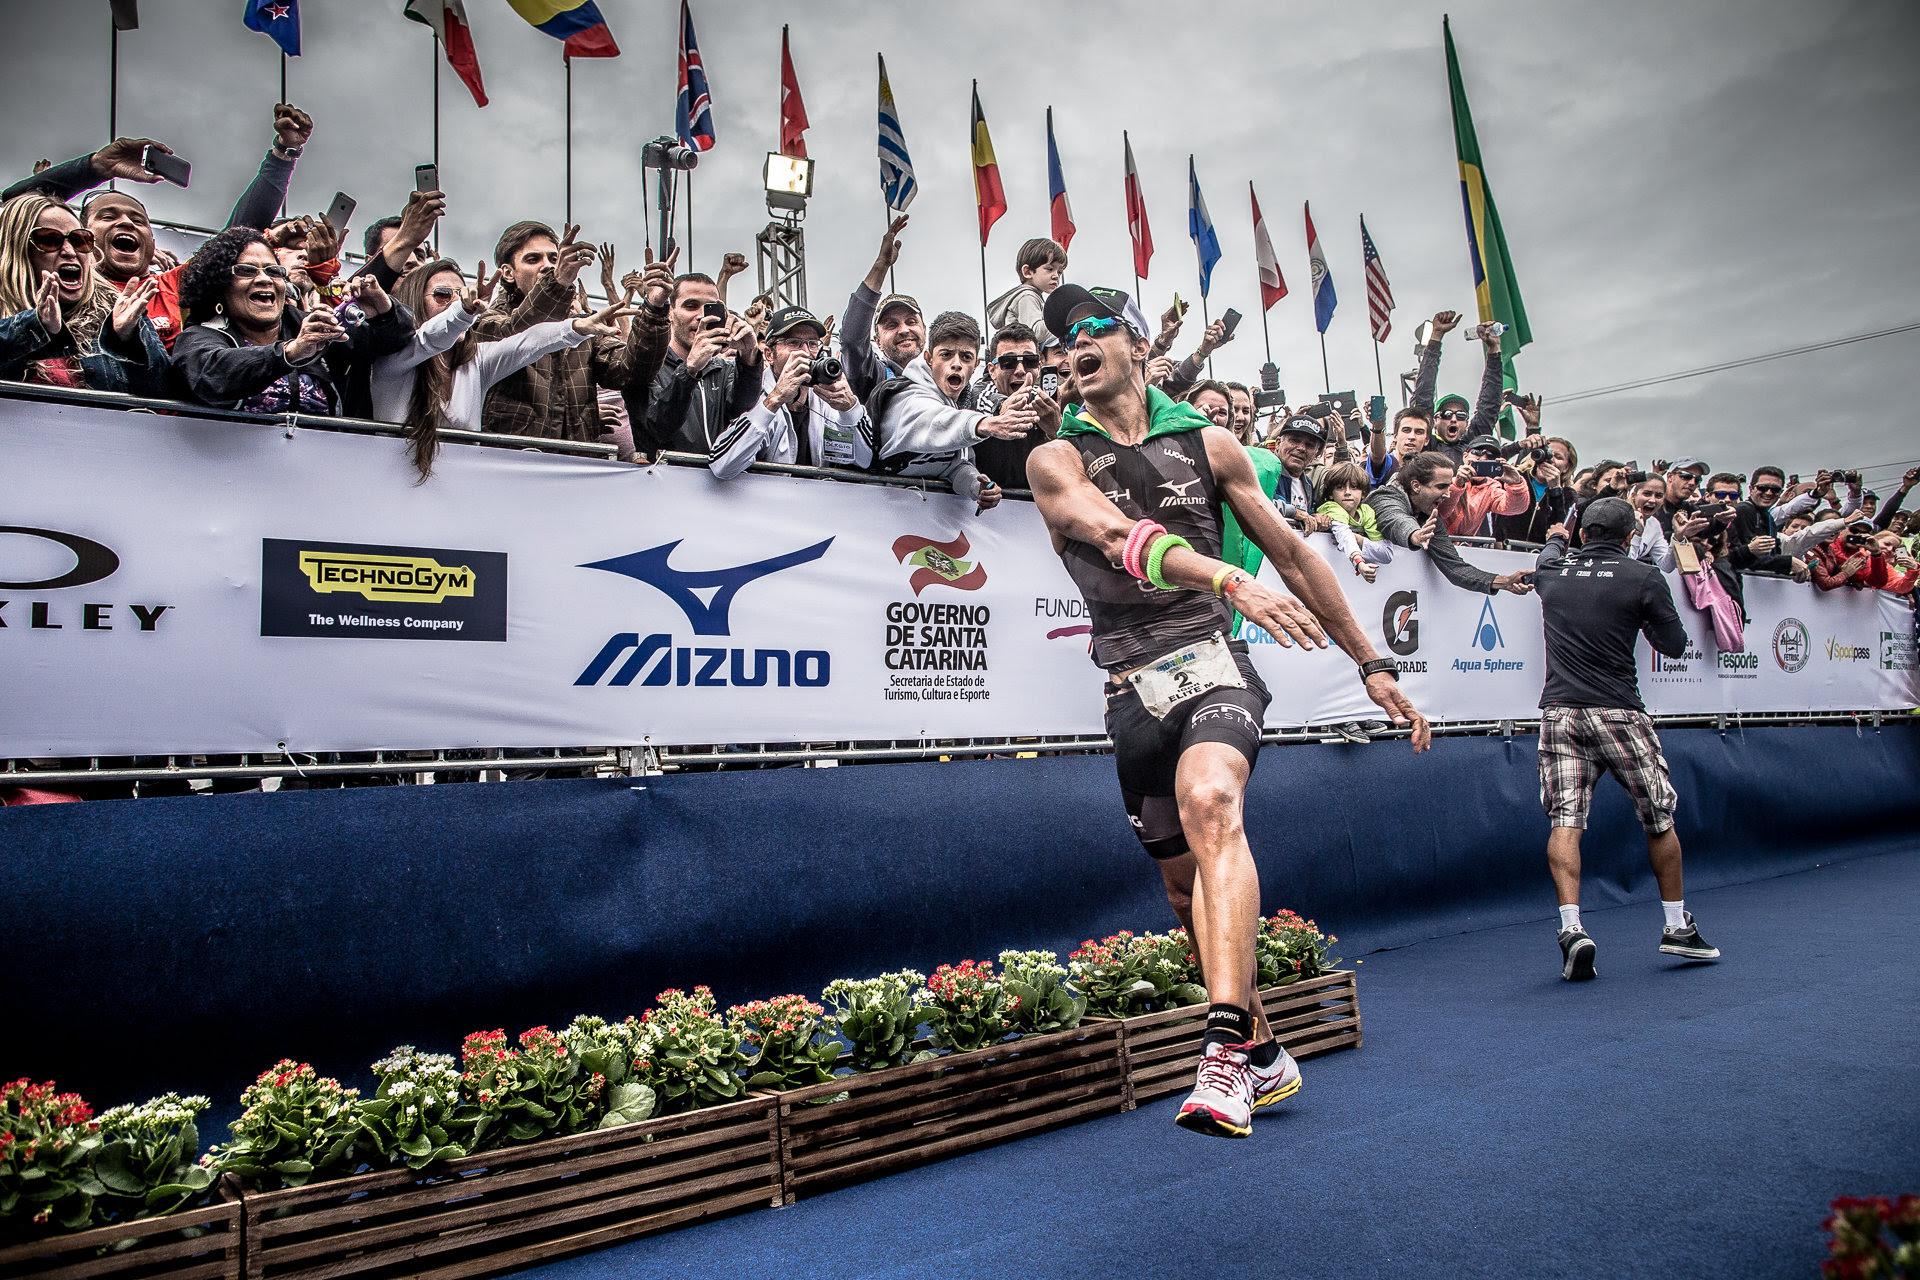 Igor Amorelli competirá nos próximos Ironman Florianópolis e está em busca do pódio mais um ano. | Foto:  Gabriel Heusi/Heusi Action